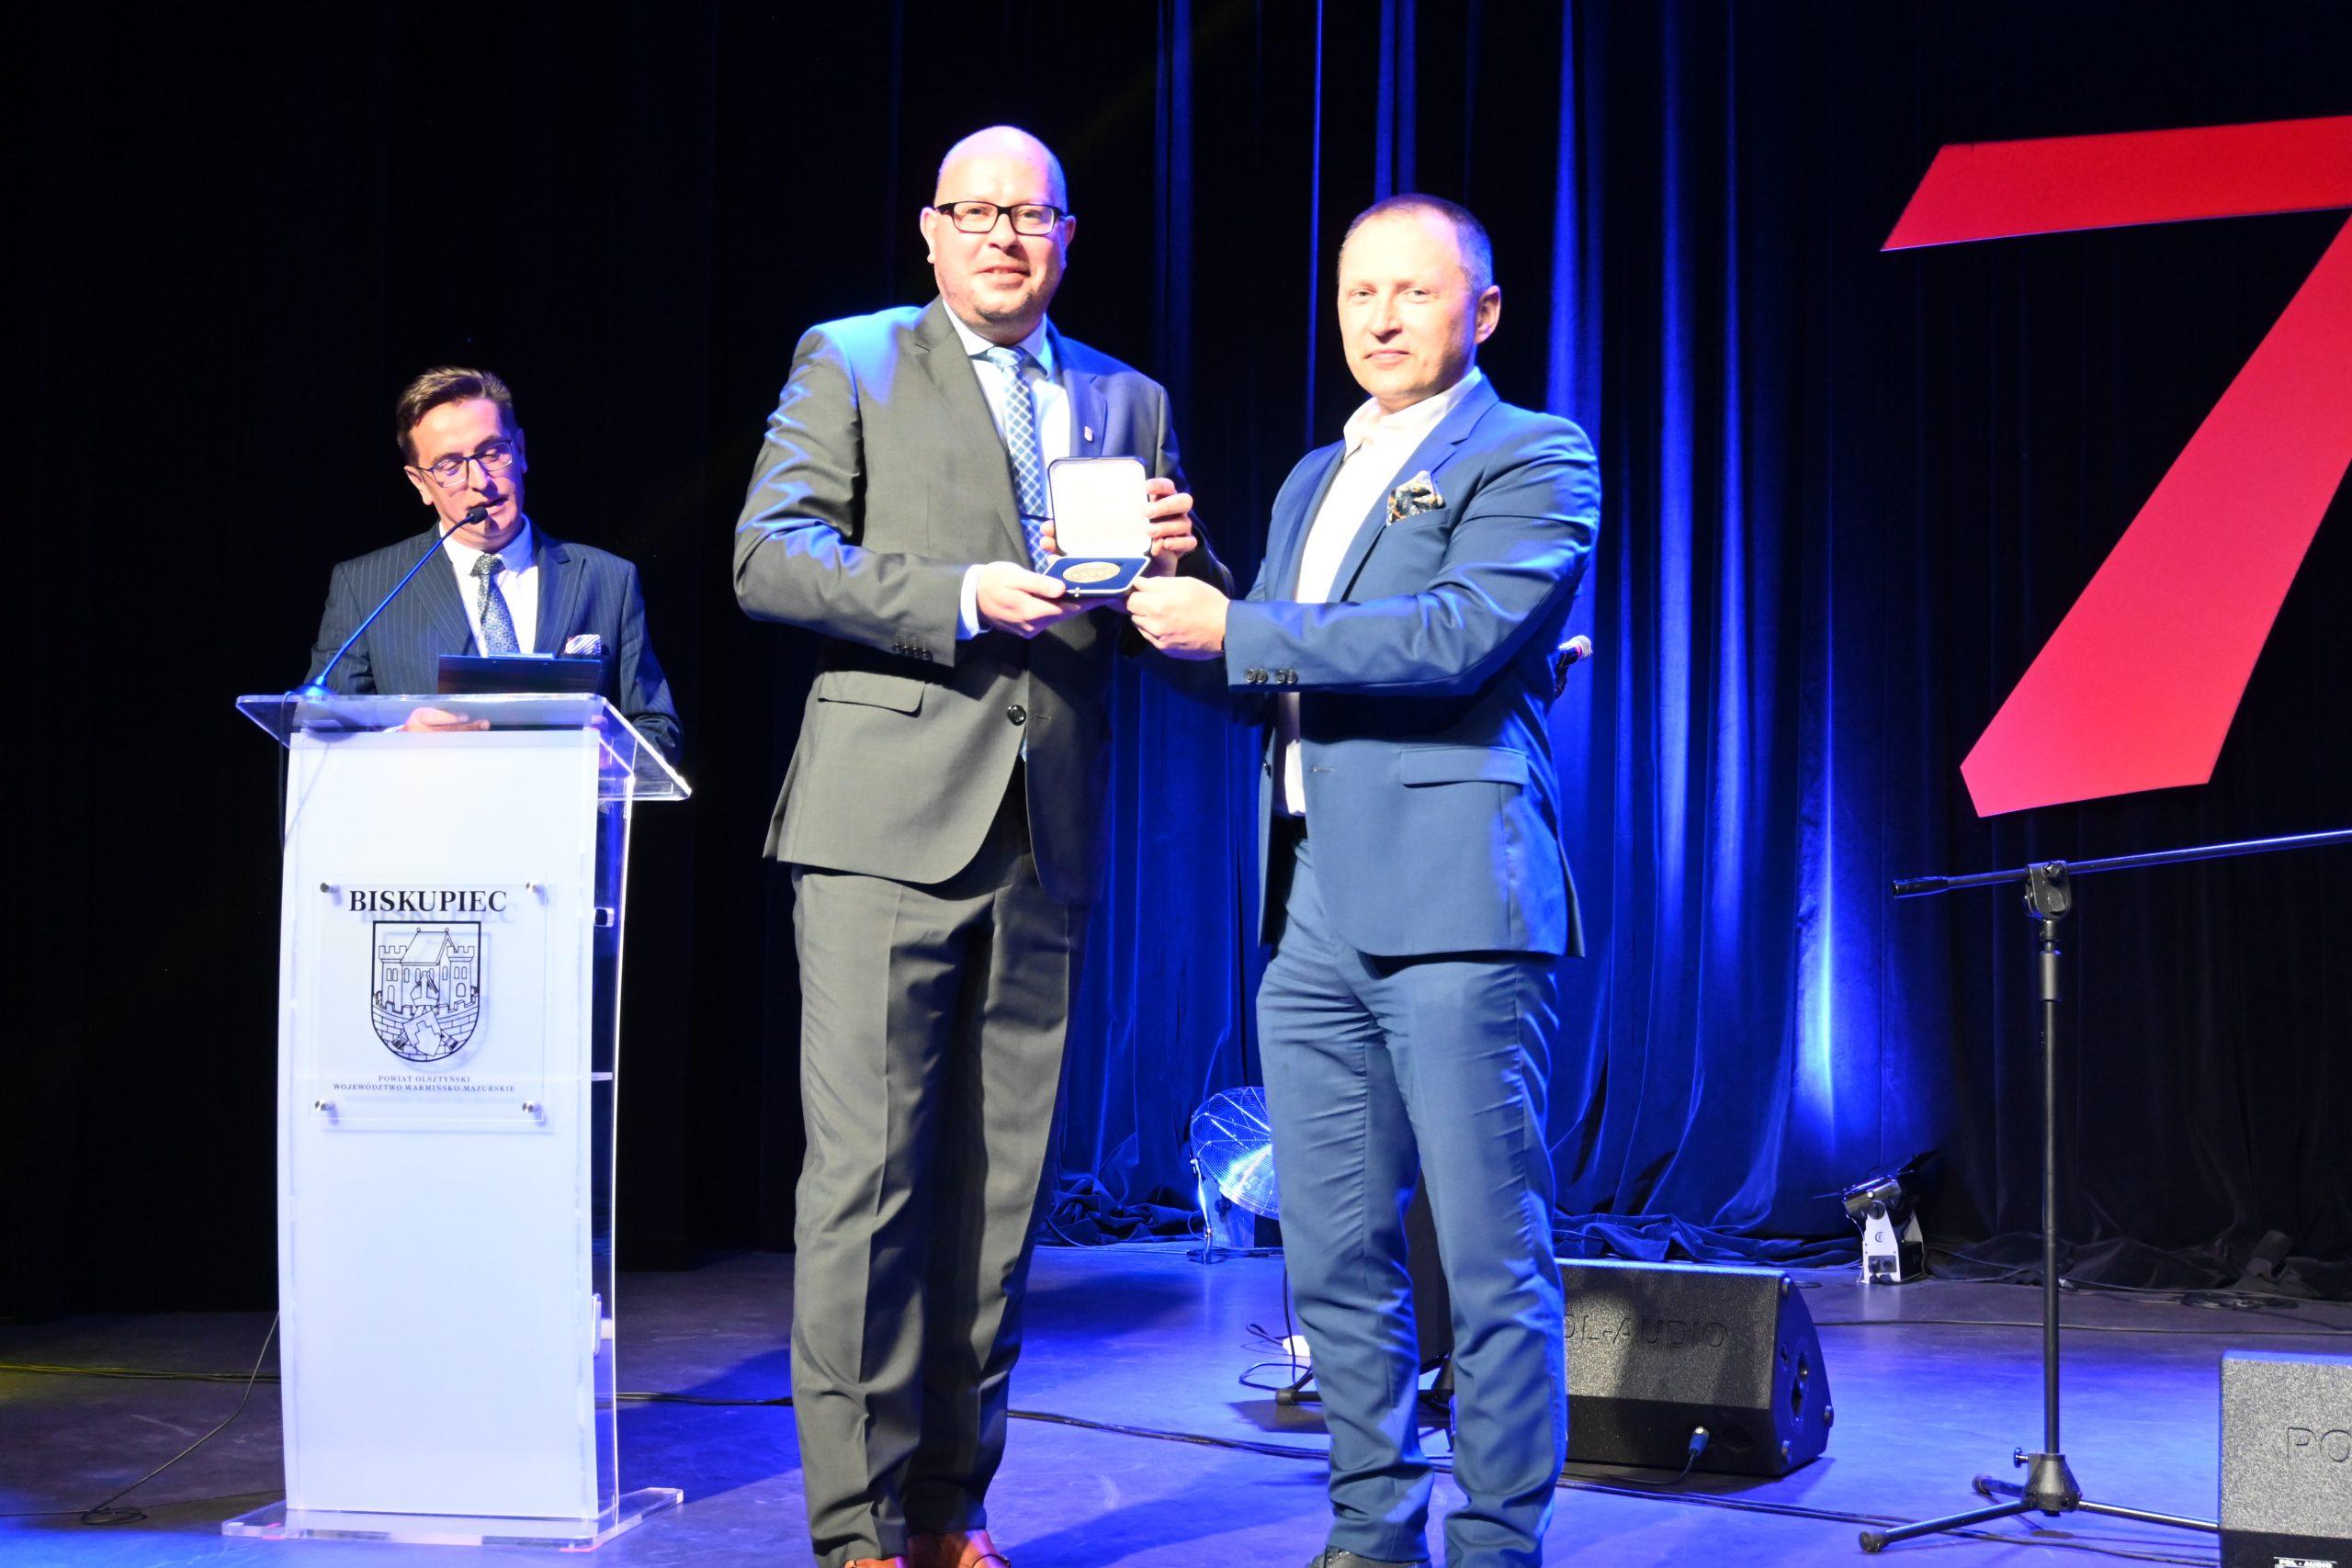 Burmistrz Biskupca otrzymuje odznakę Gazety Olsztyńskiej